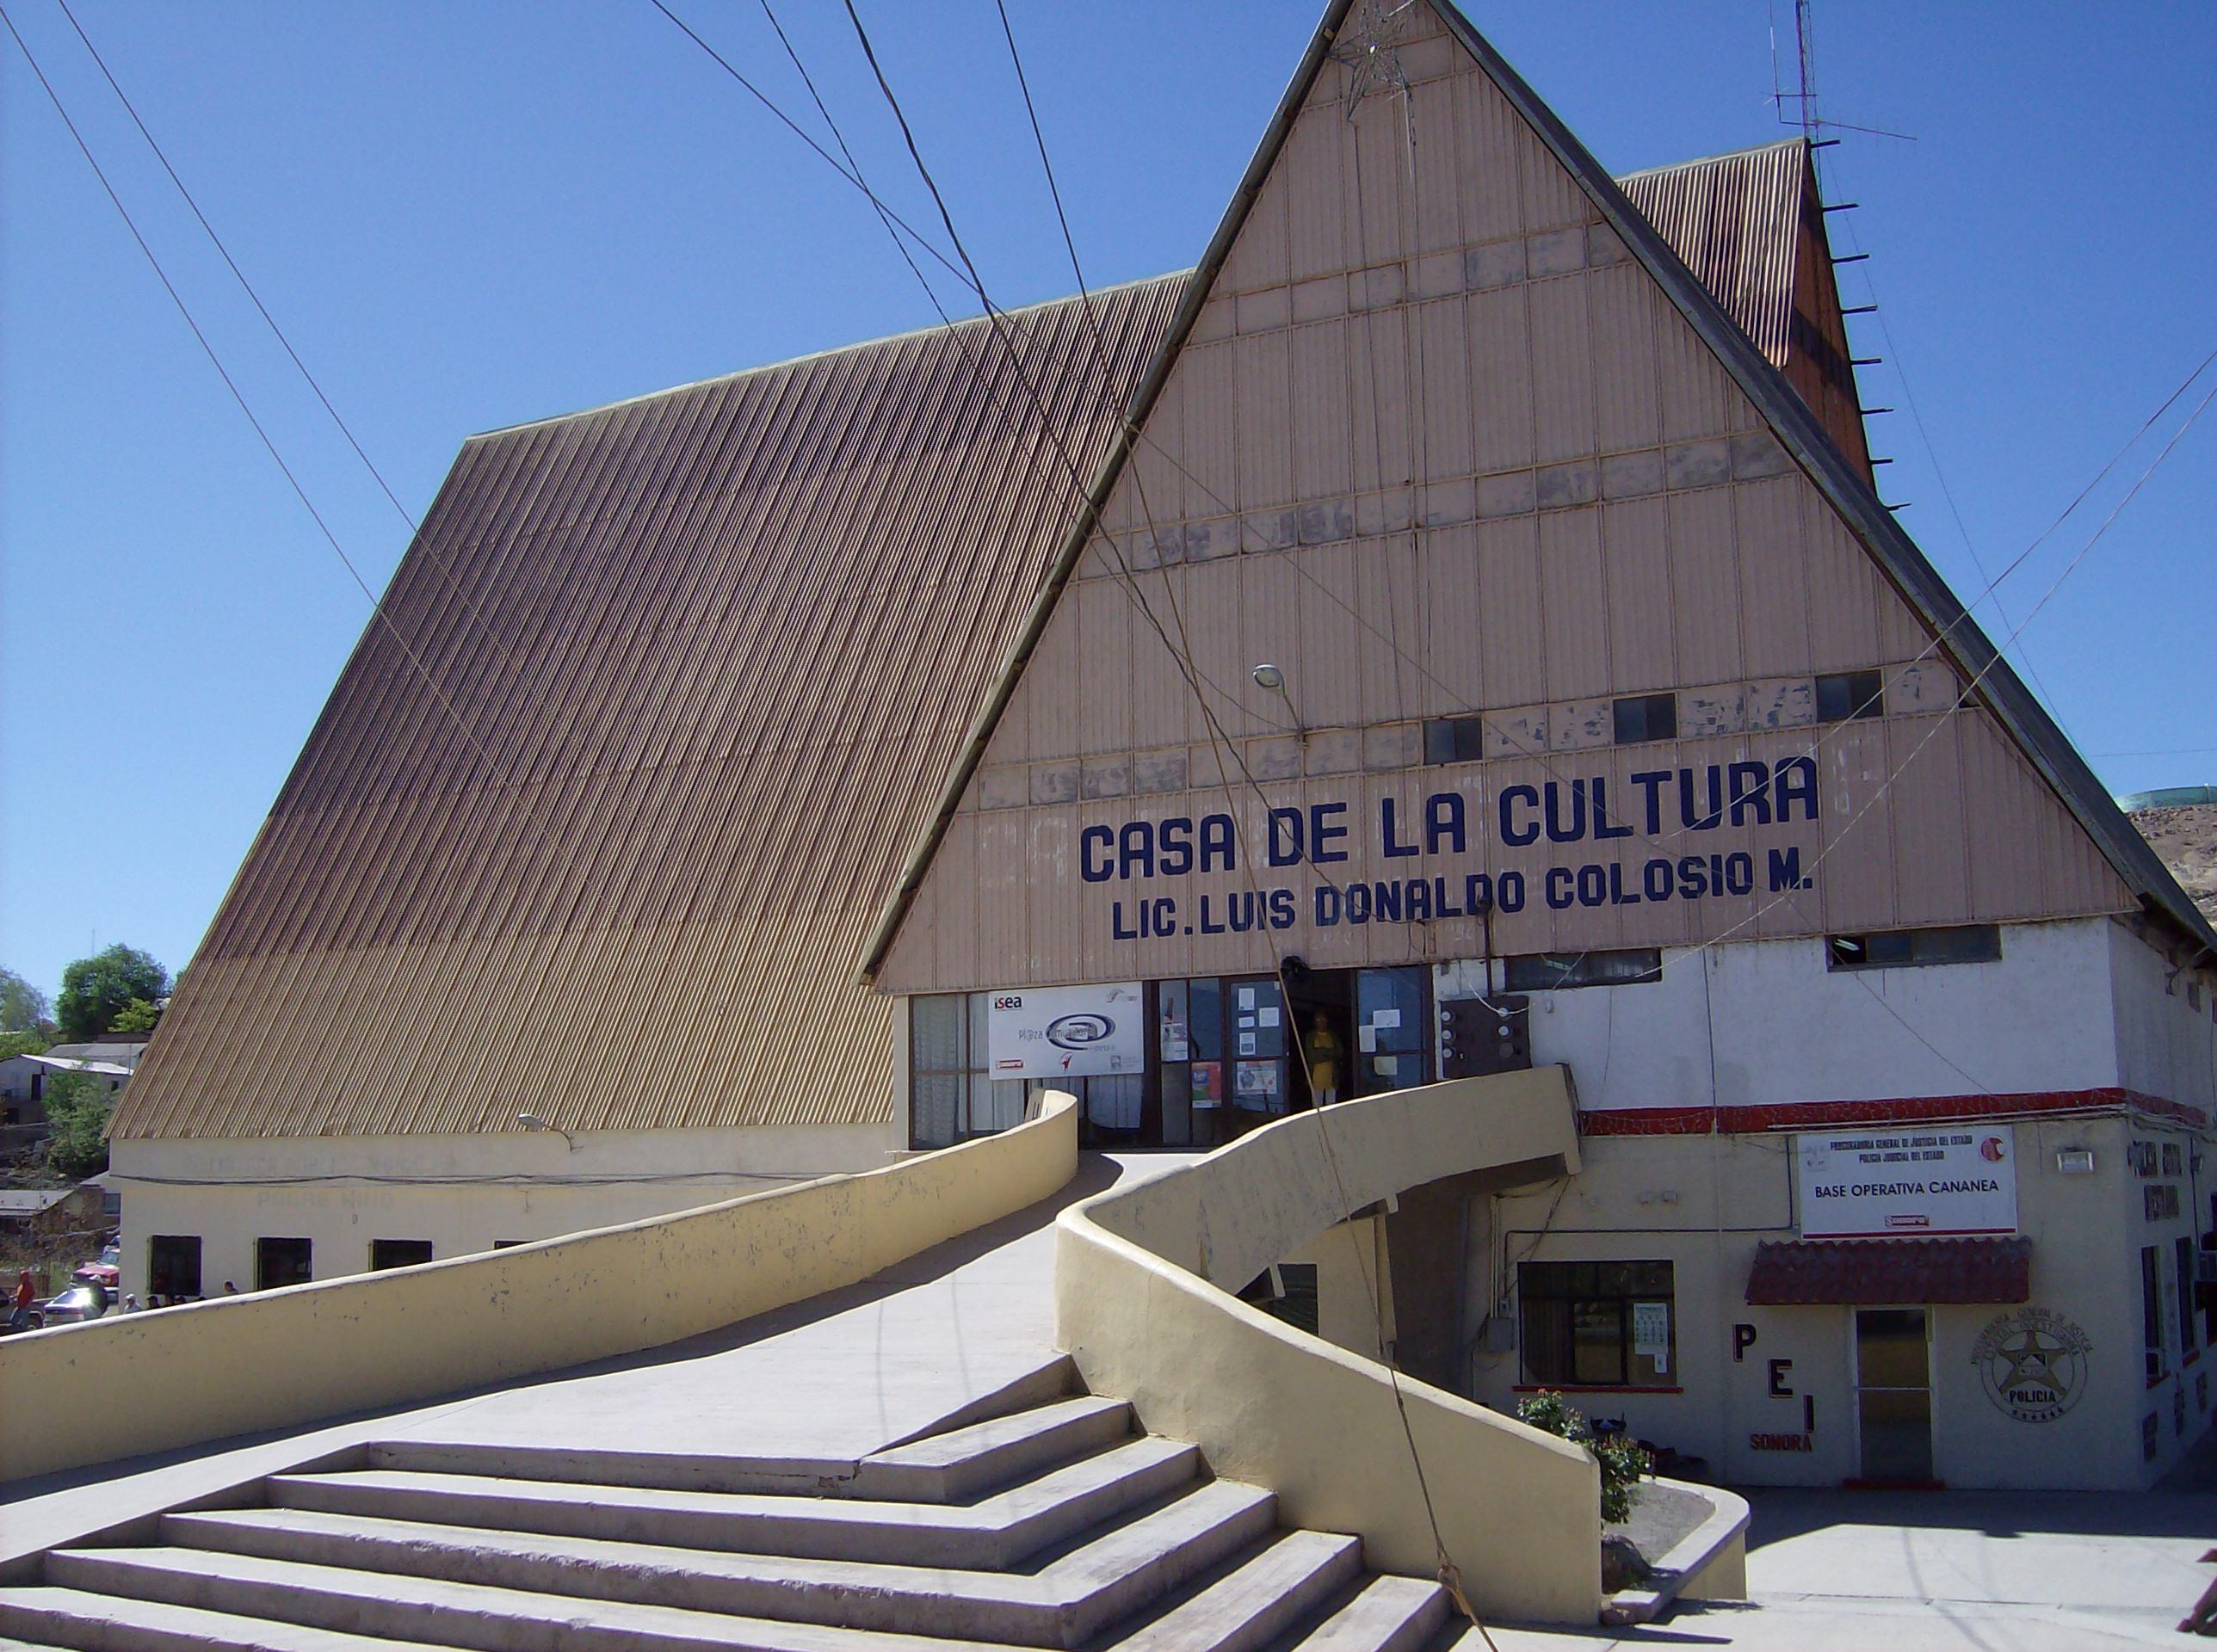 Casa de la cultura lic luis donaldo colosio murrieta - Casas en la provenza ...